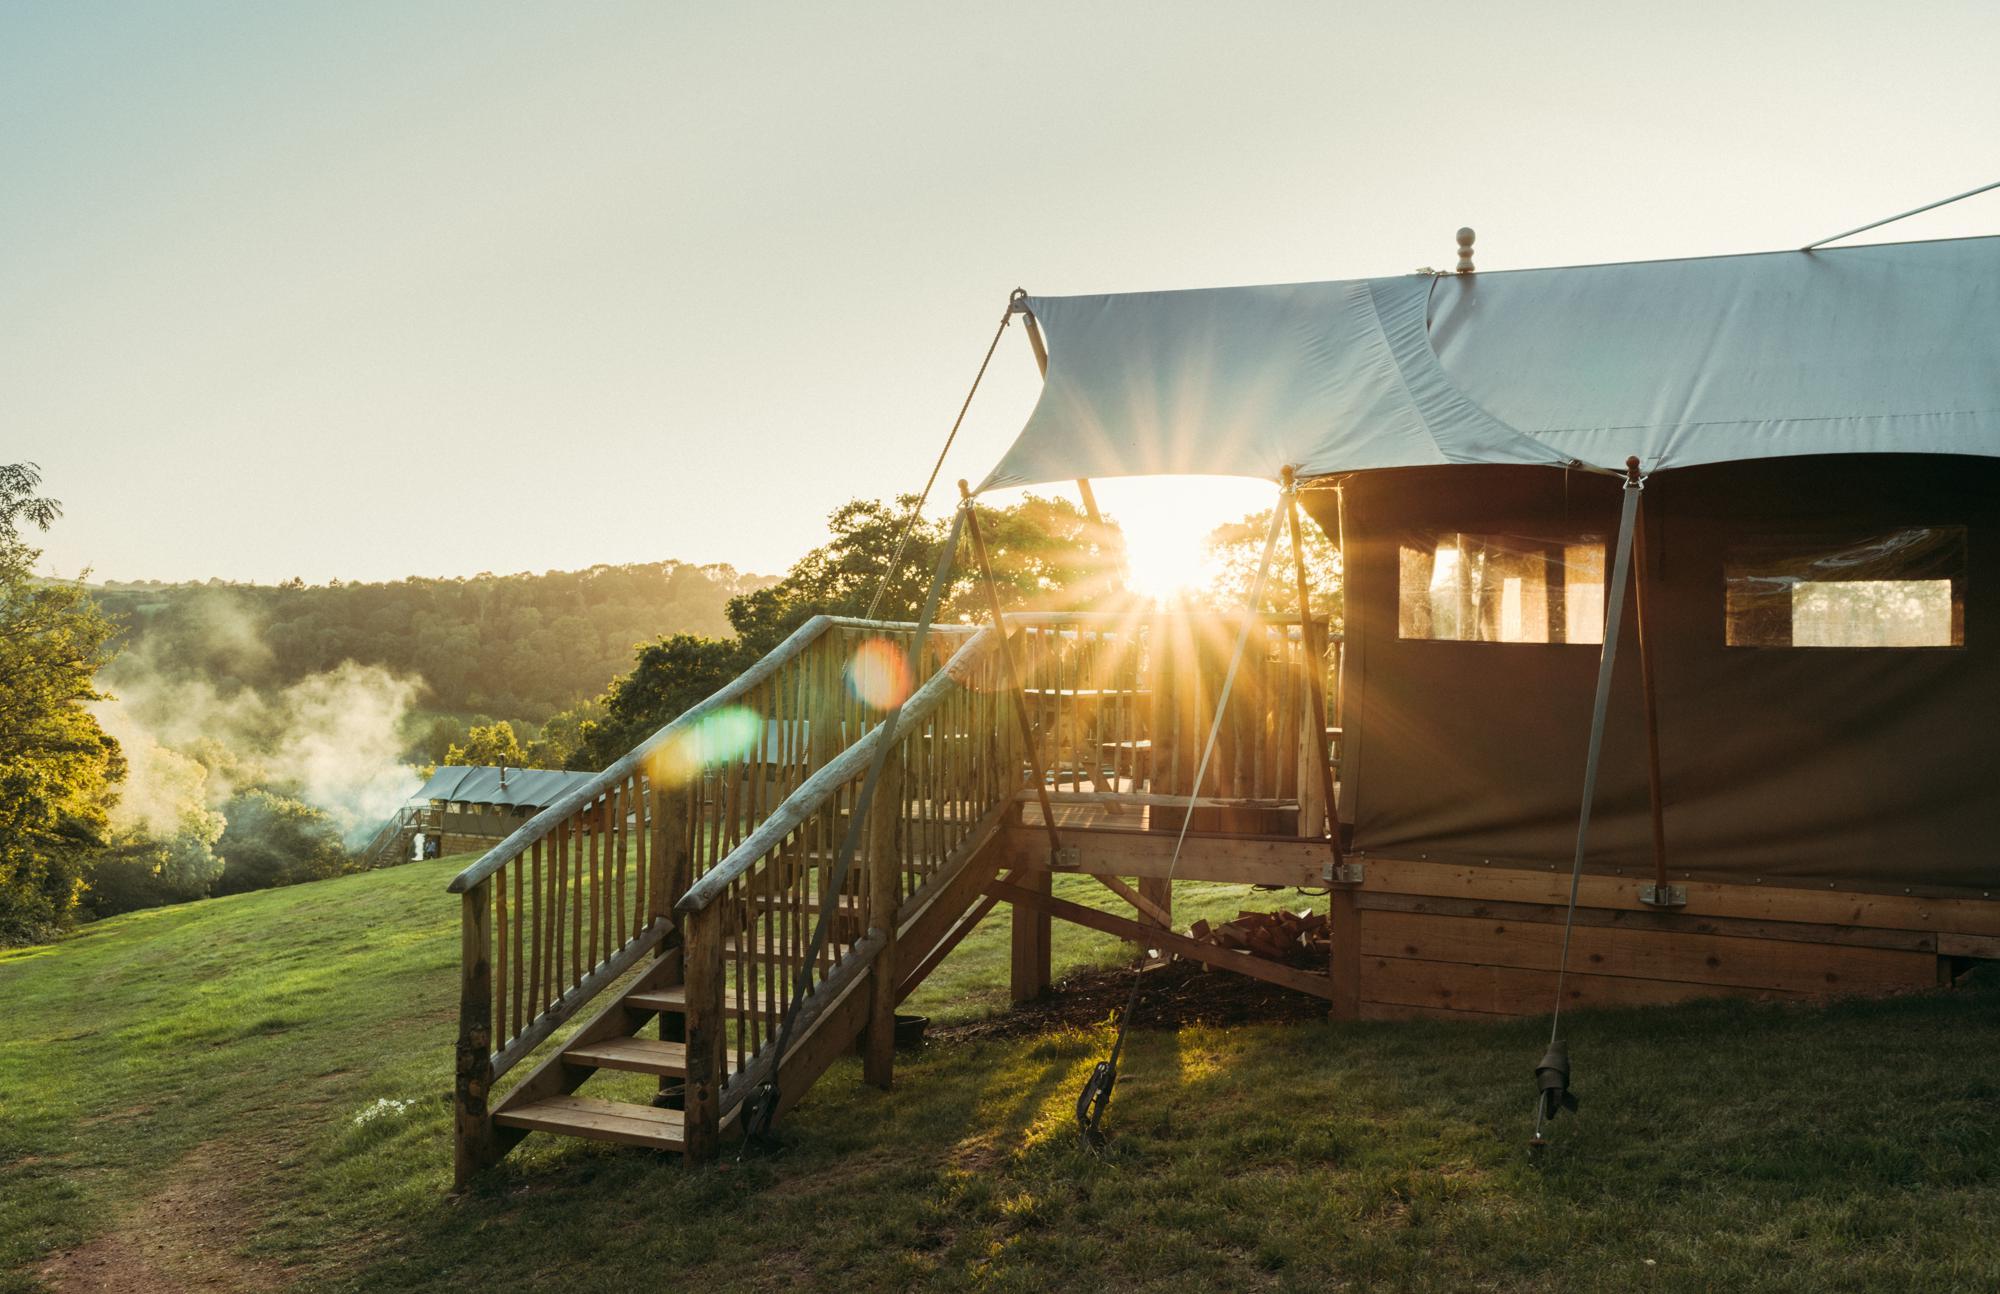 Campsites in Tiverton – I Love This Campsite